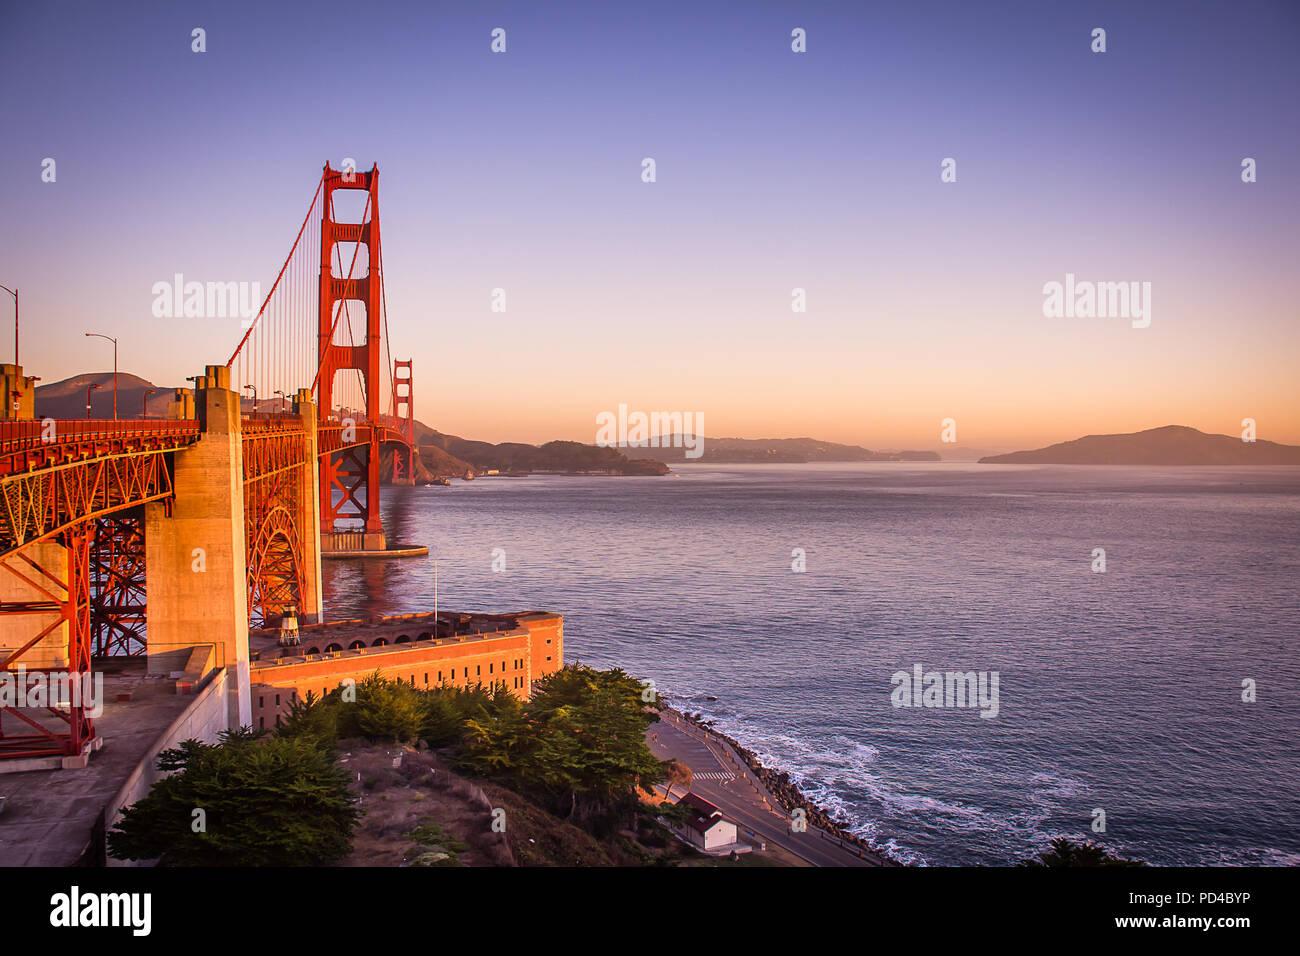 Le Golden Gate Bridge au lever du soleil Photo Stock